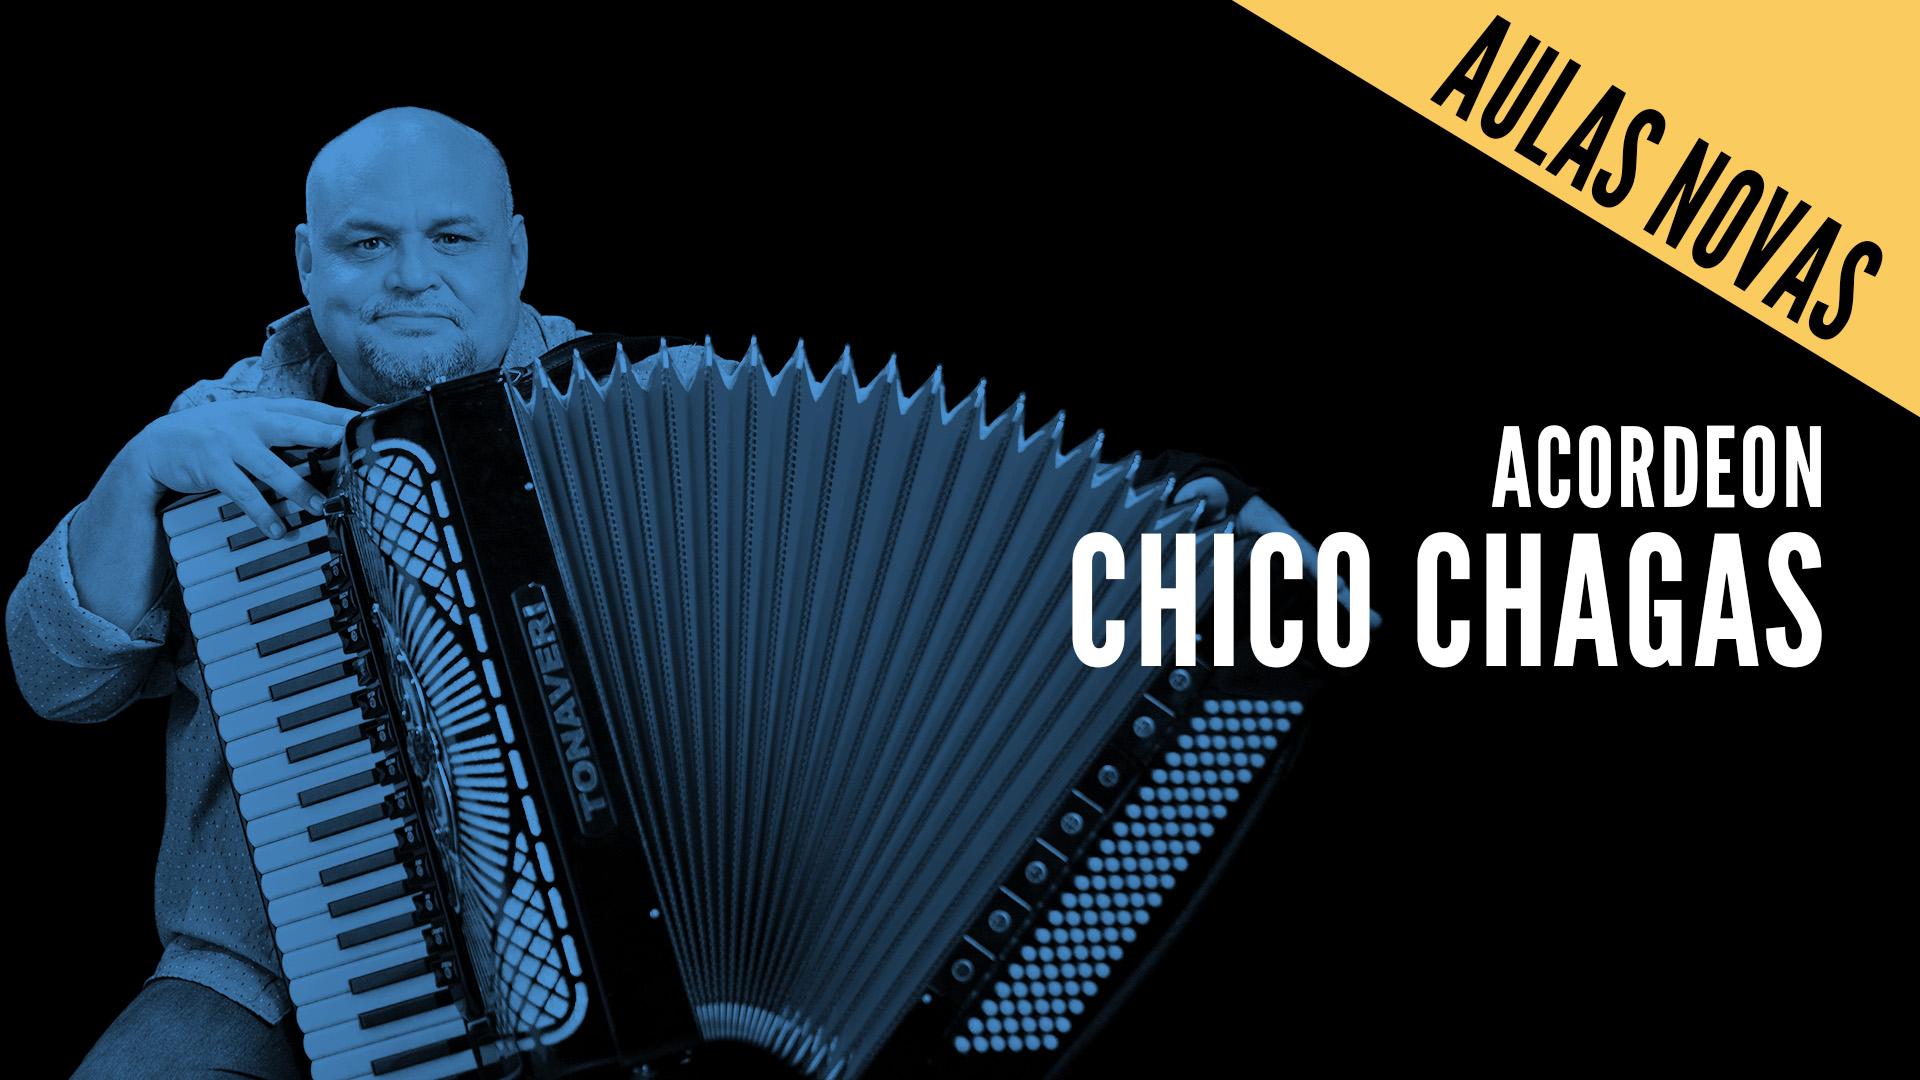 """Chico Chagas segura seu acordeon com o título """"Acordeon - Chico Chagas"""""""